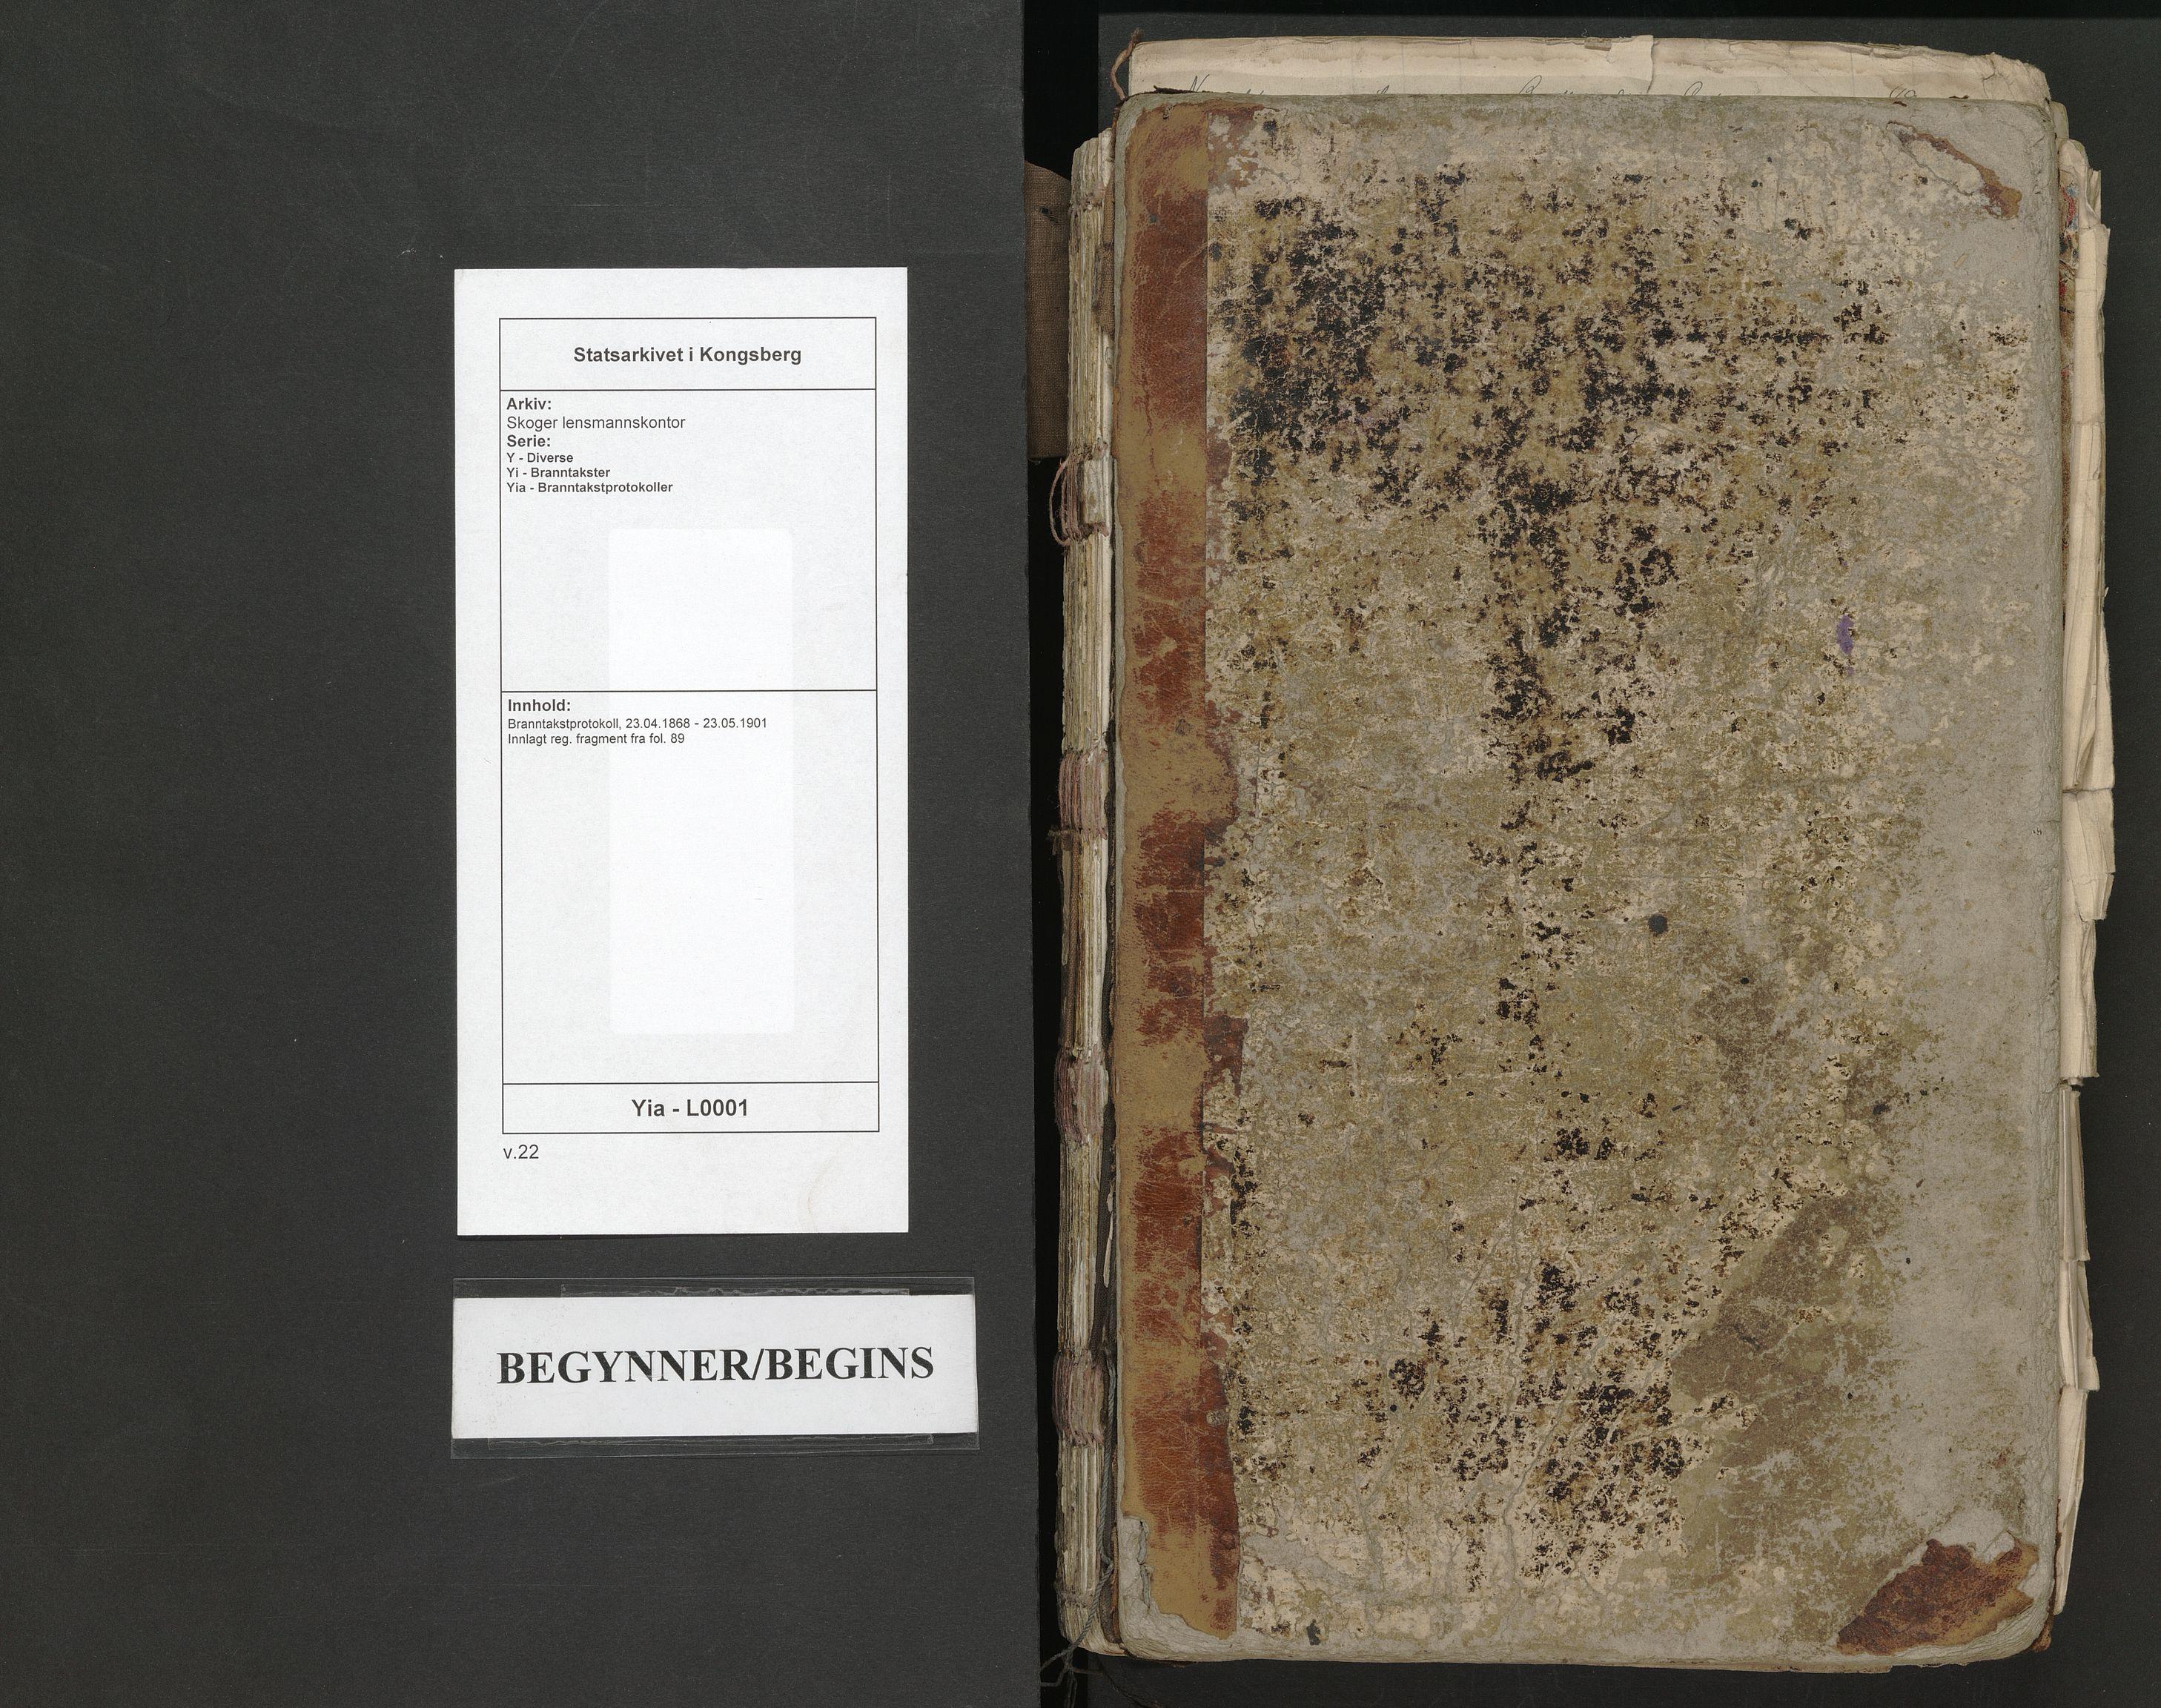 SAKO, Skoger lensmannskontor, Y/Yi/Yia/L0001: Branntakstprotokoll, 1868-1901